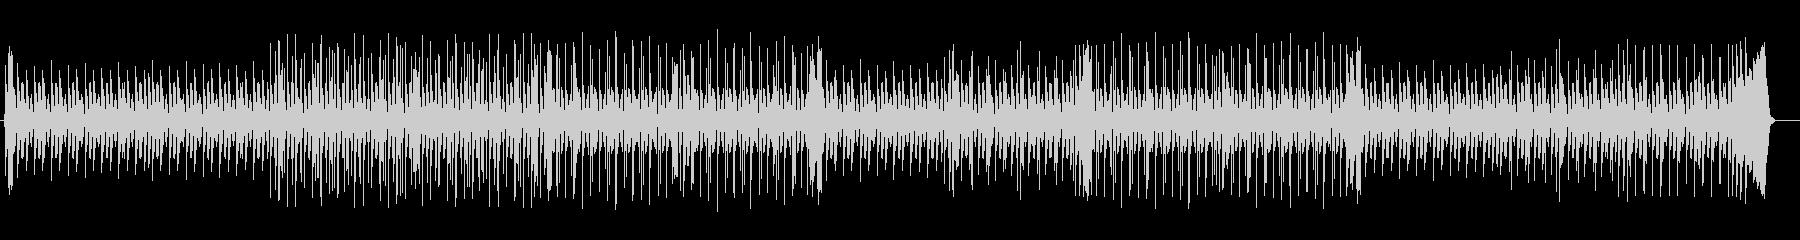 洗練されたドラムによるポップスの未再生の波形